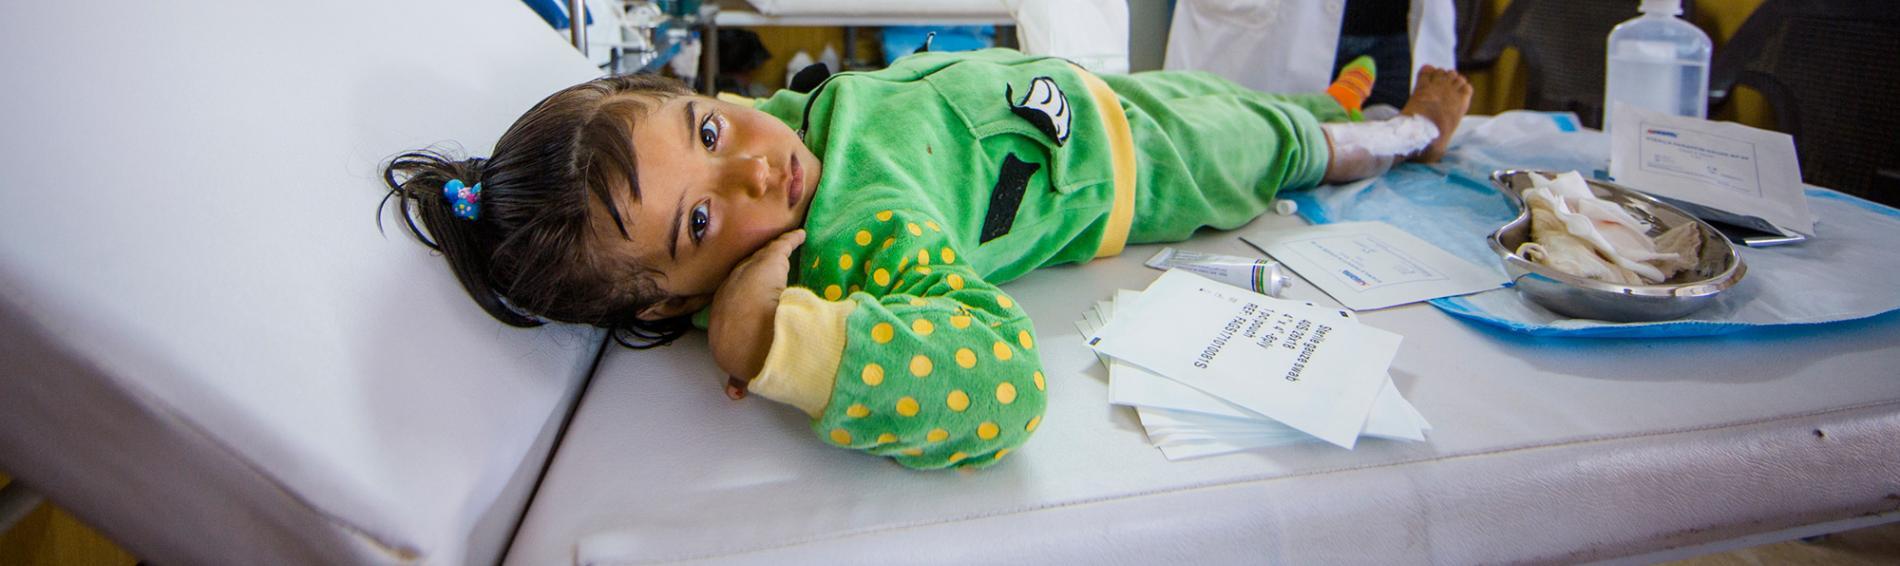 Ärzte der Welt setzt sich für syrische Flüchtlinge in Jordanien ein. Foto: Thierry du Bois